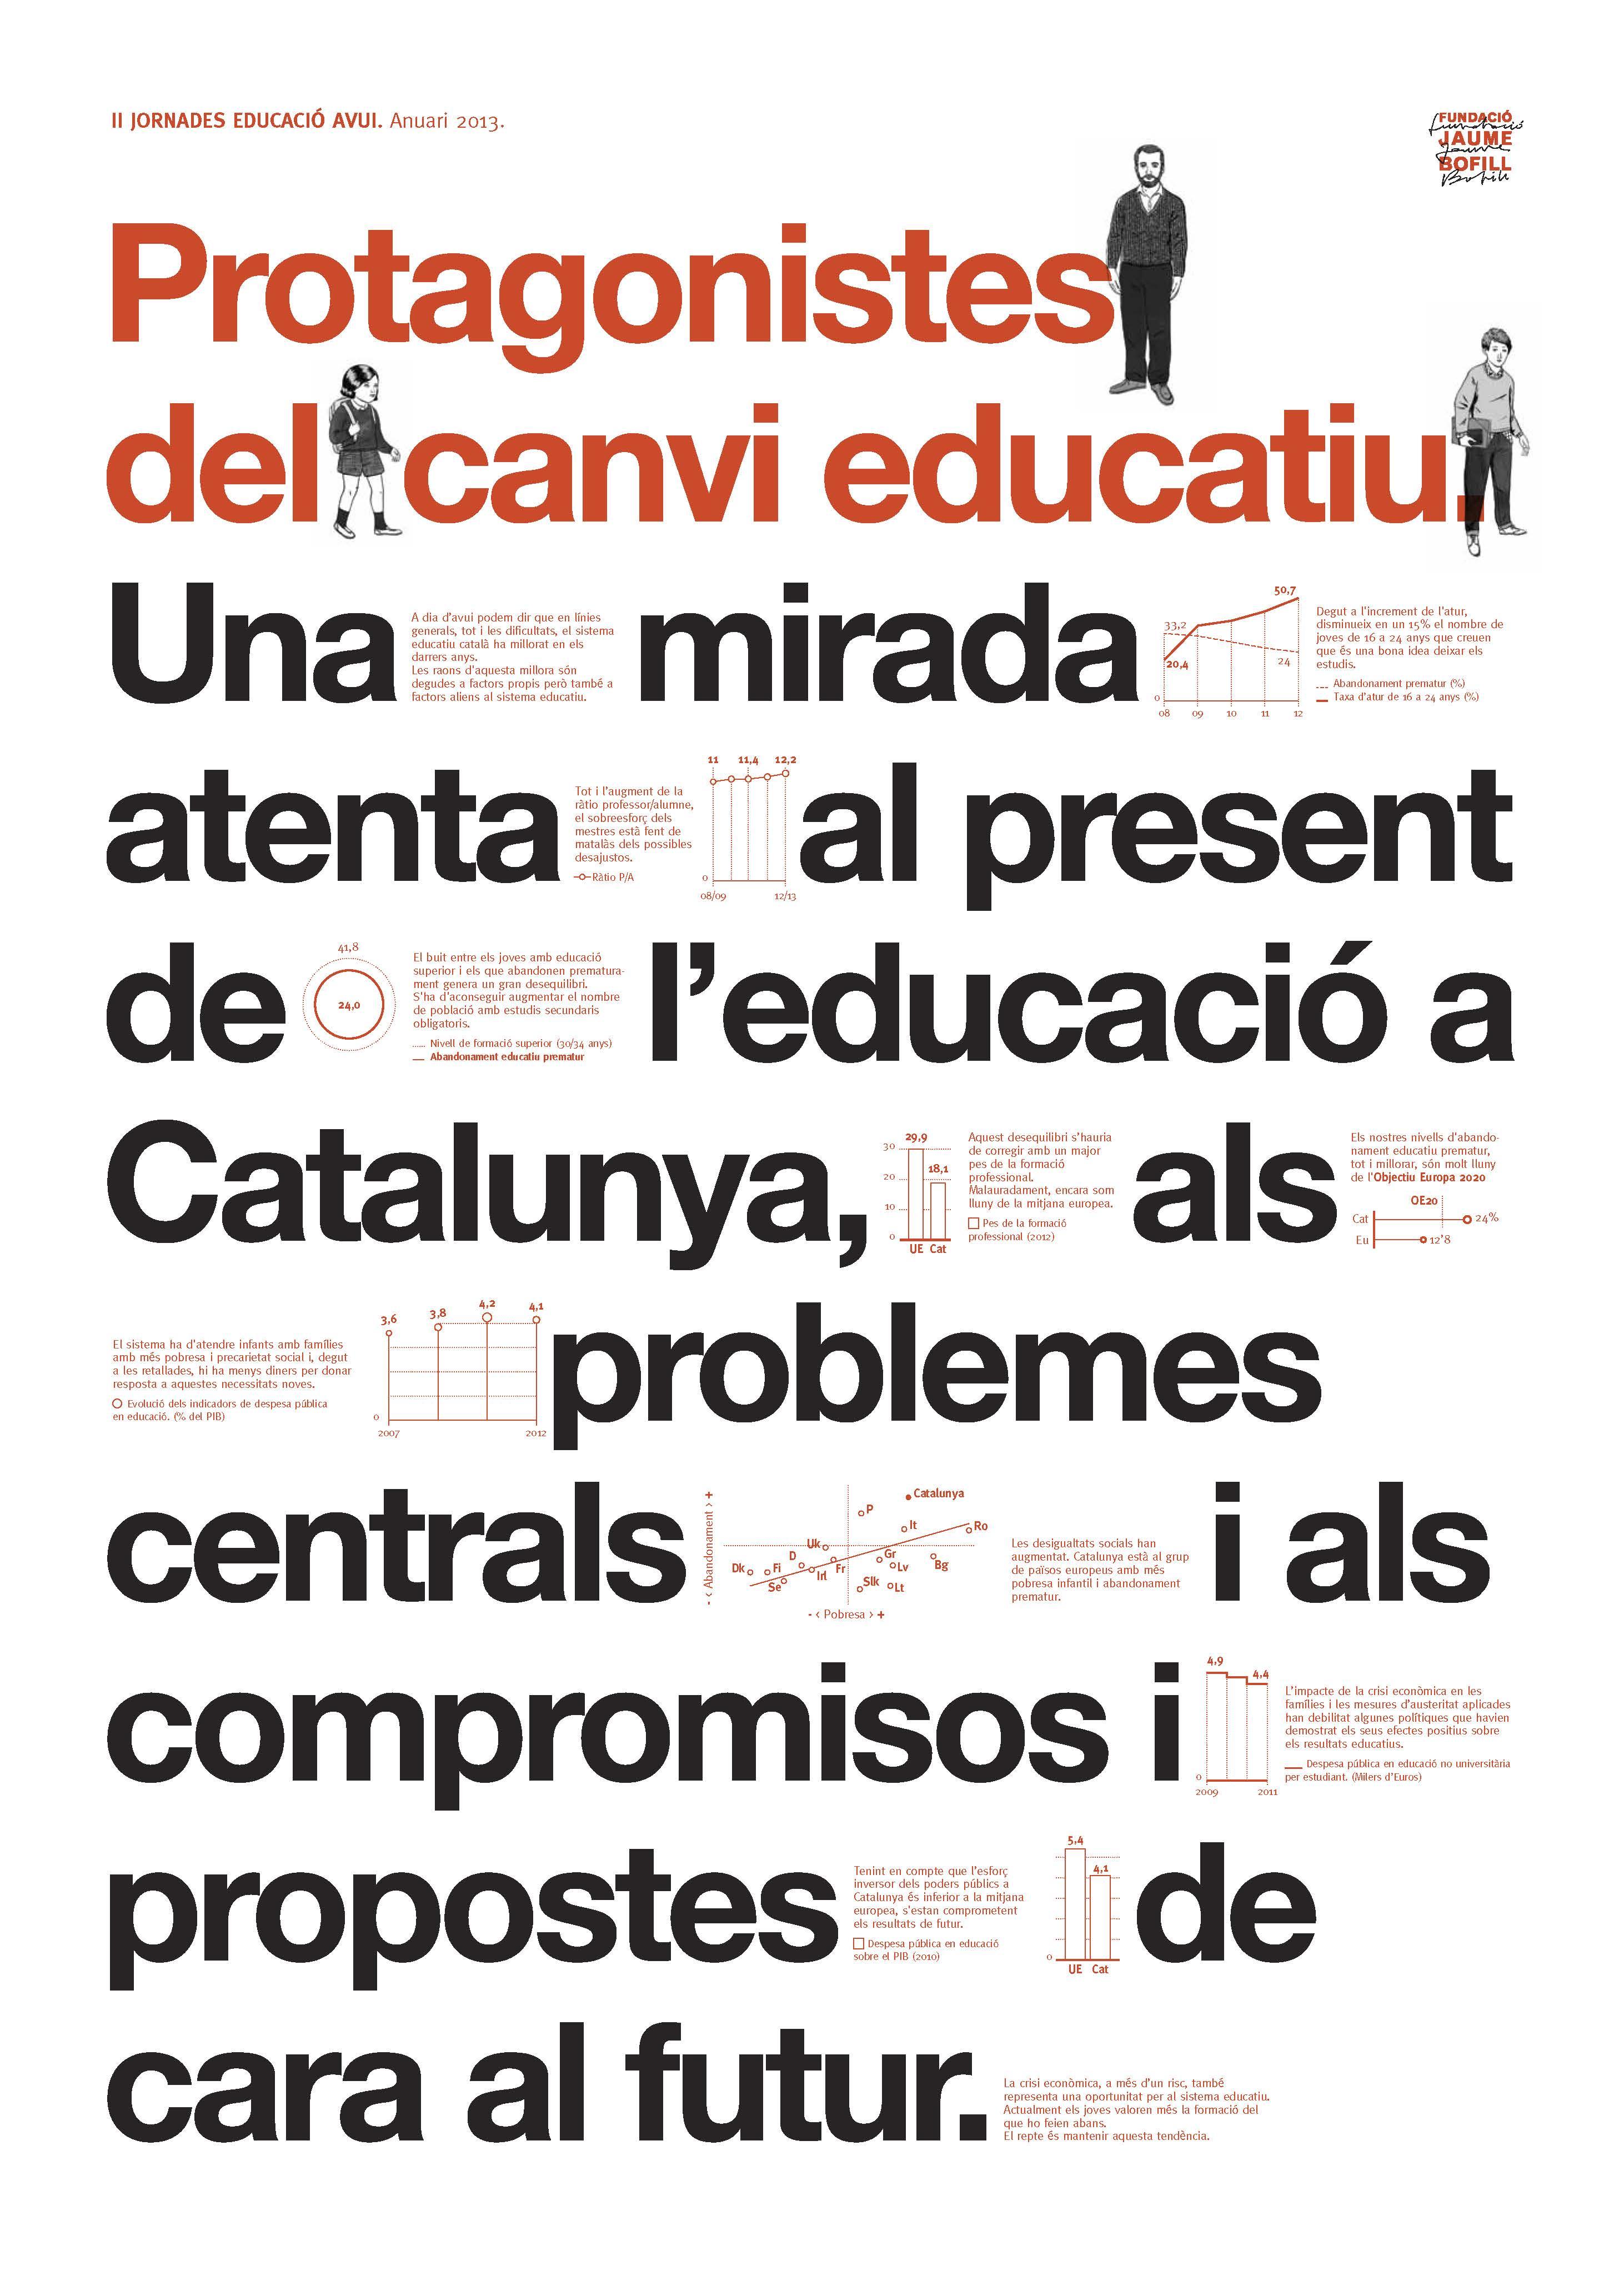 anuari-2013_-ii-jornades-educacio-avui_0.jpg